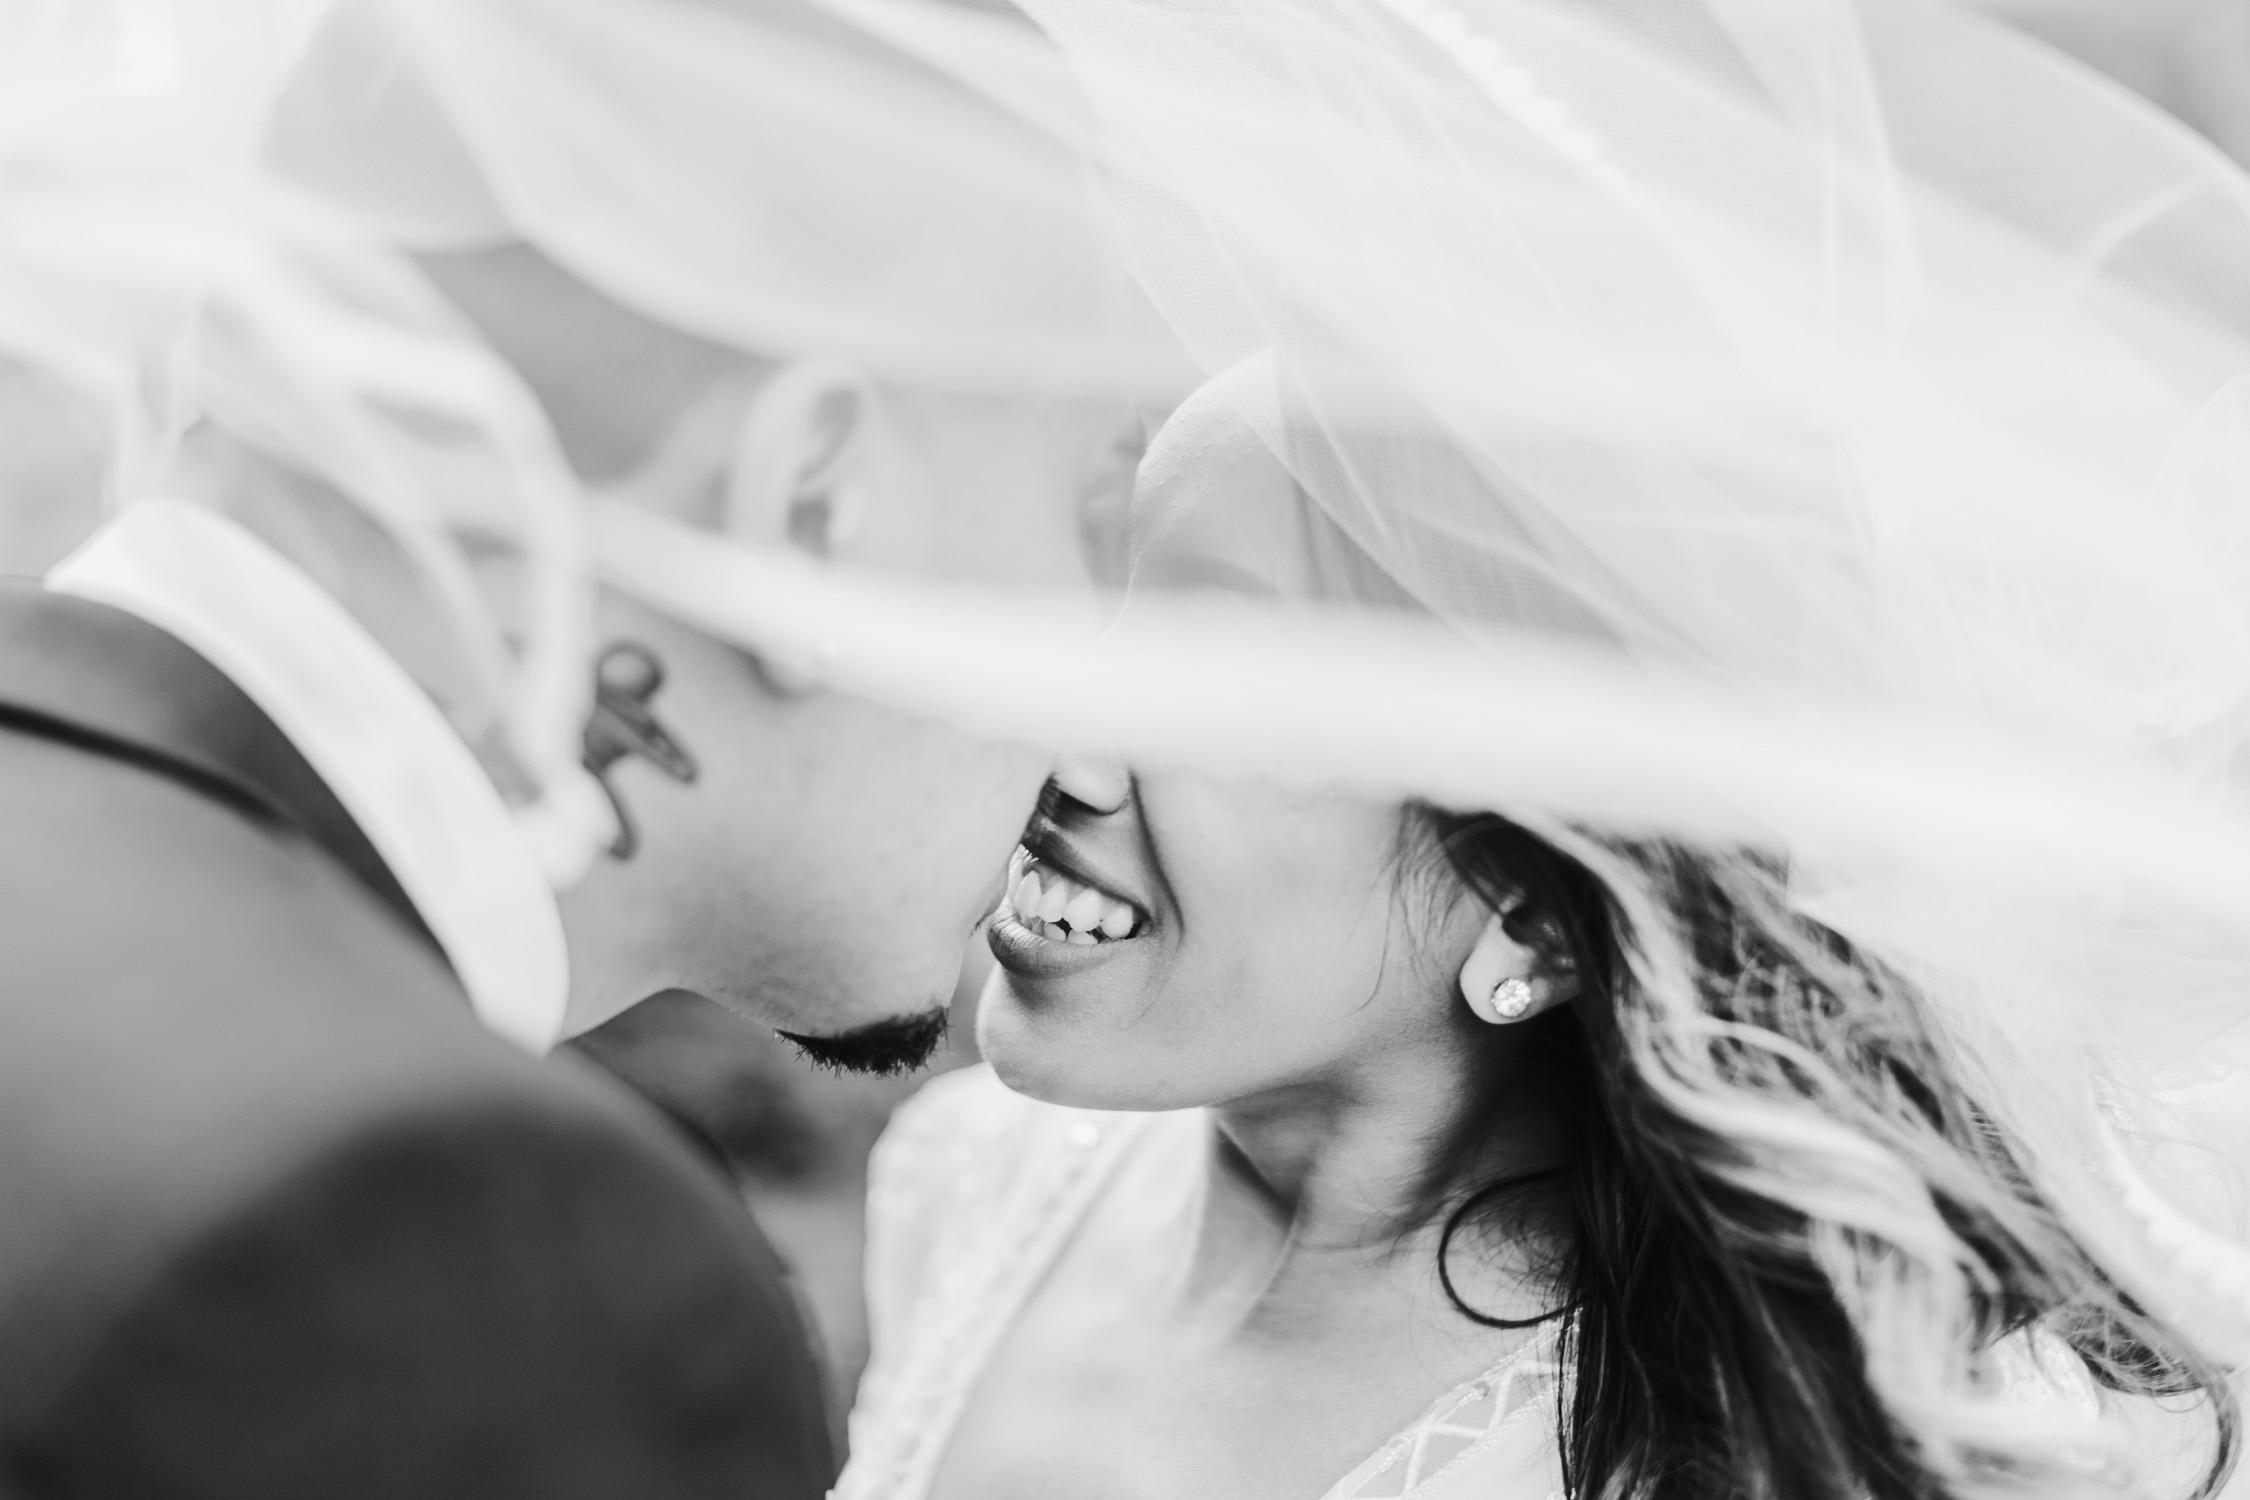 Stevens__Estate_Cambodian_Wedding_Photographer-19.jpg